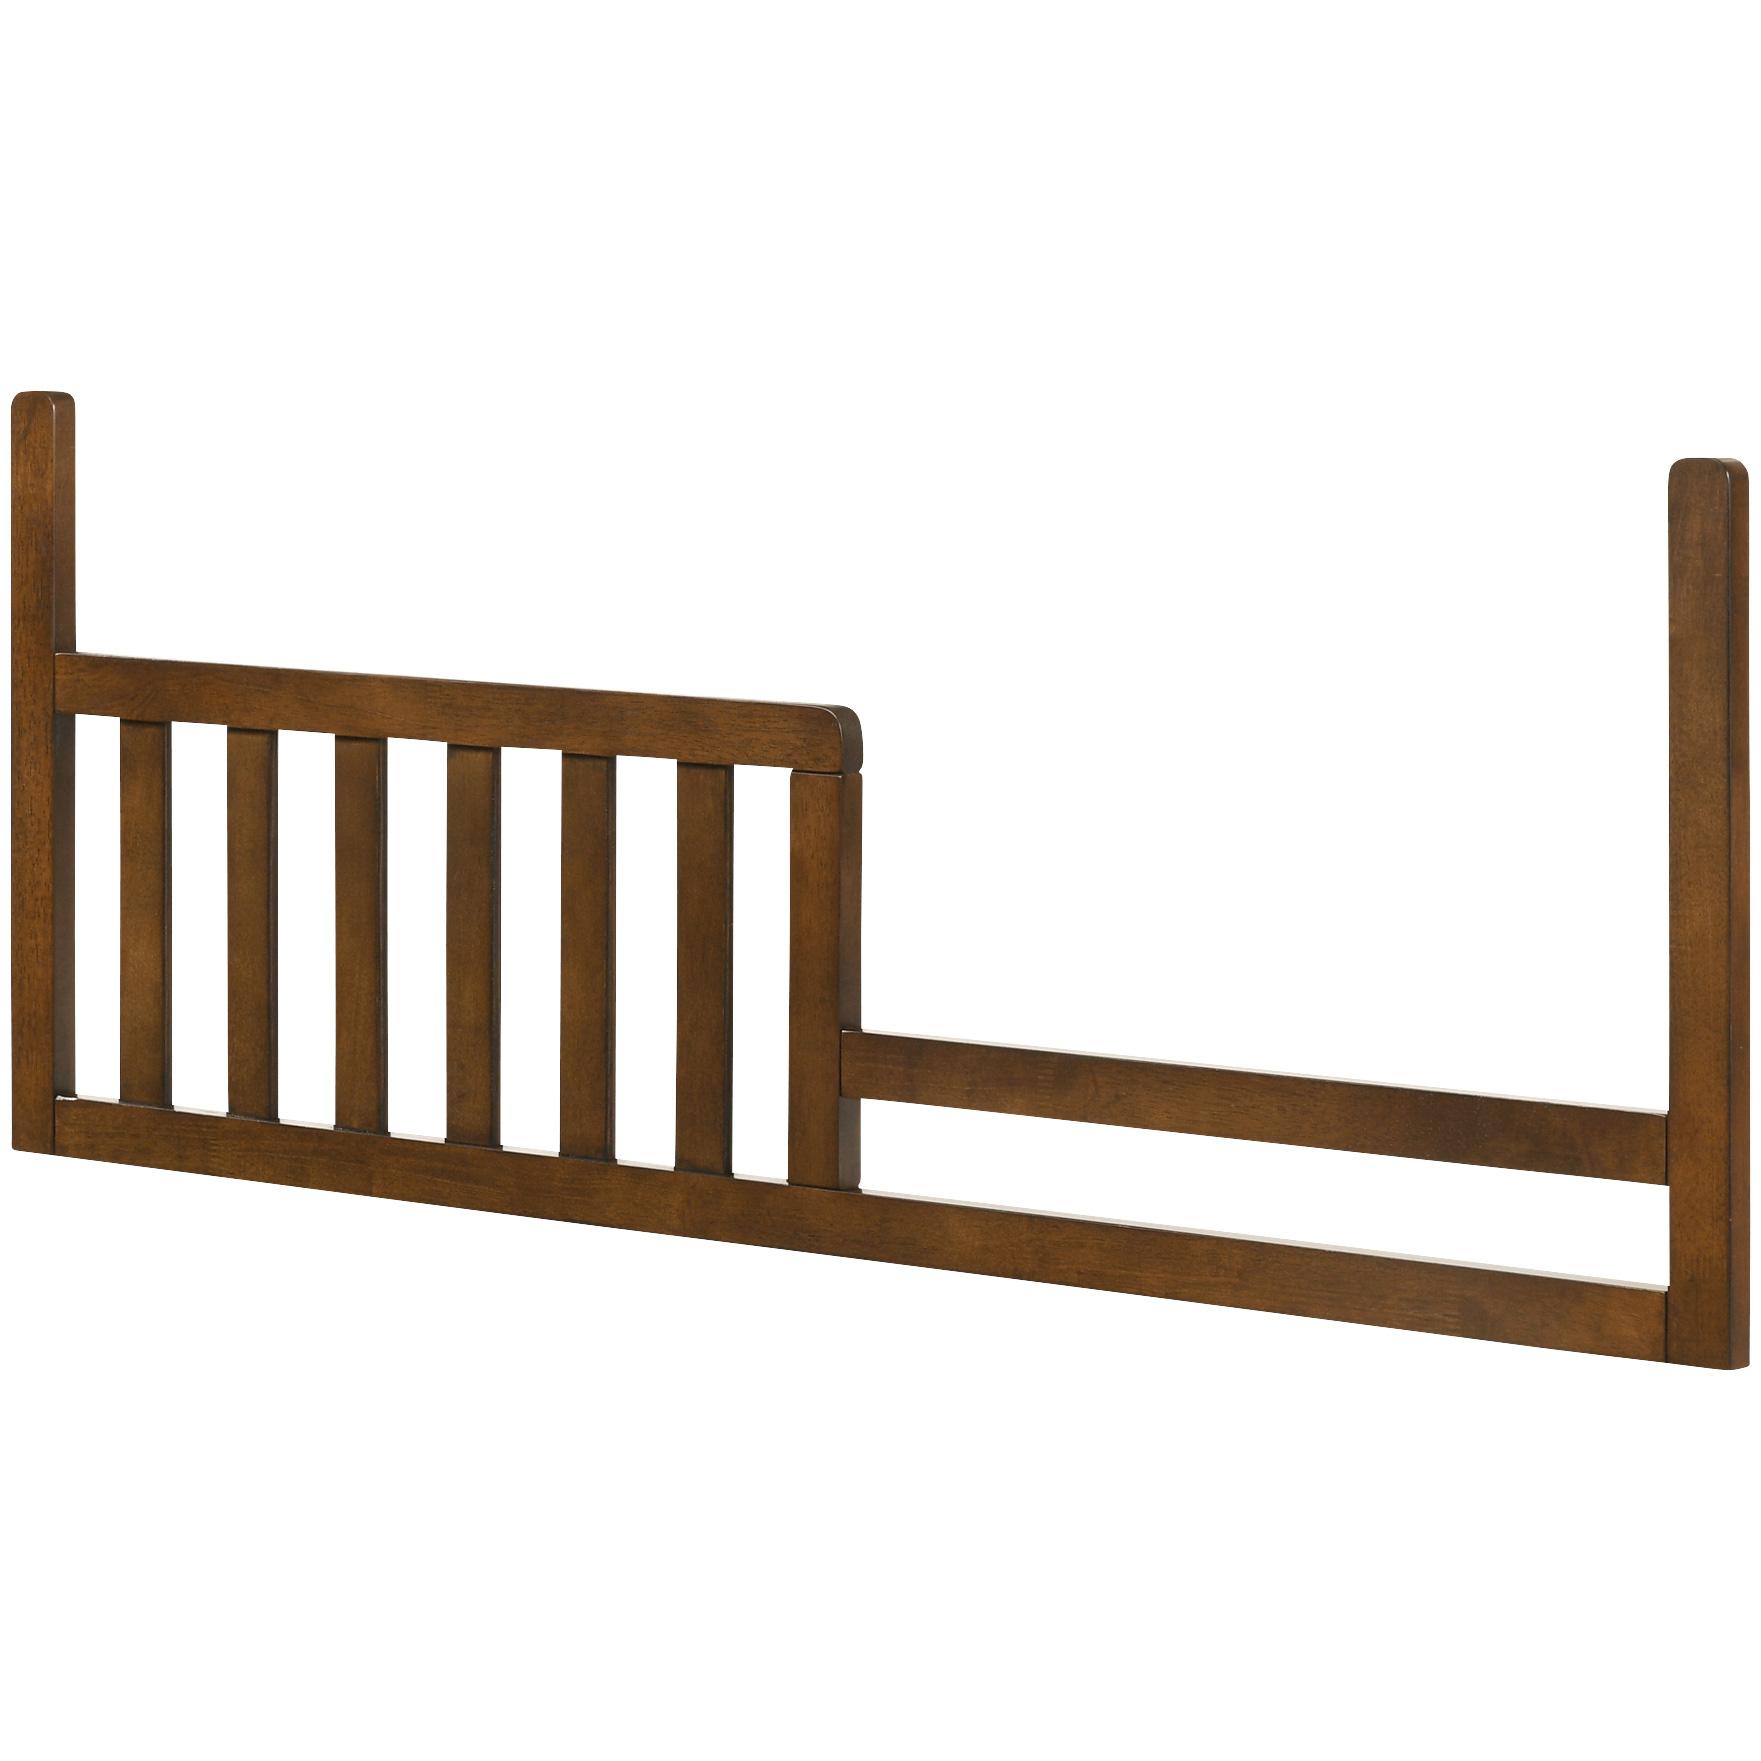 Westwood Design | San Mateo Brown Toddler Bed Conversion Kit